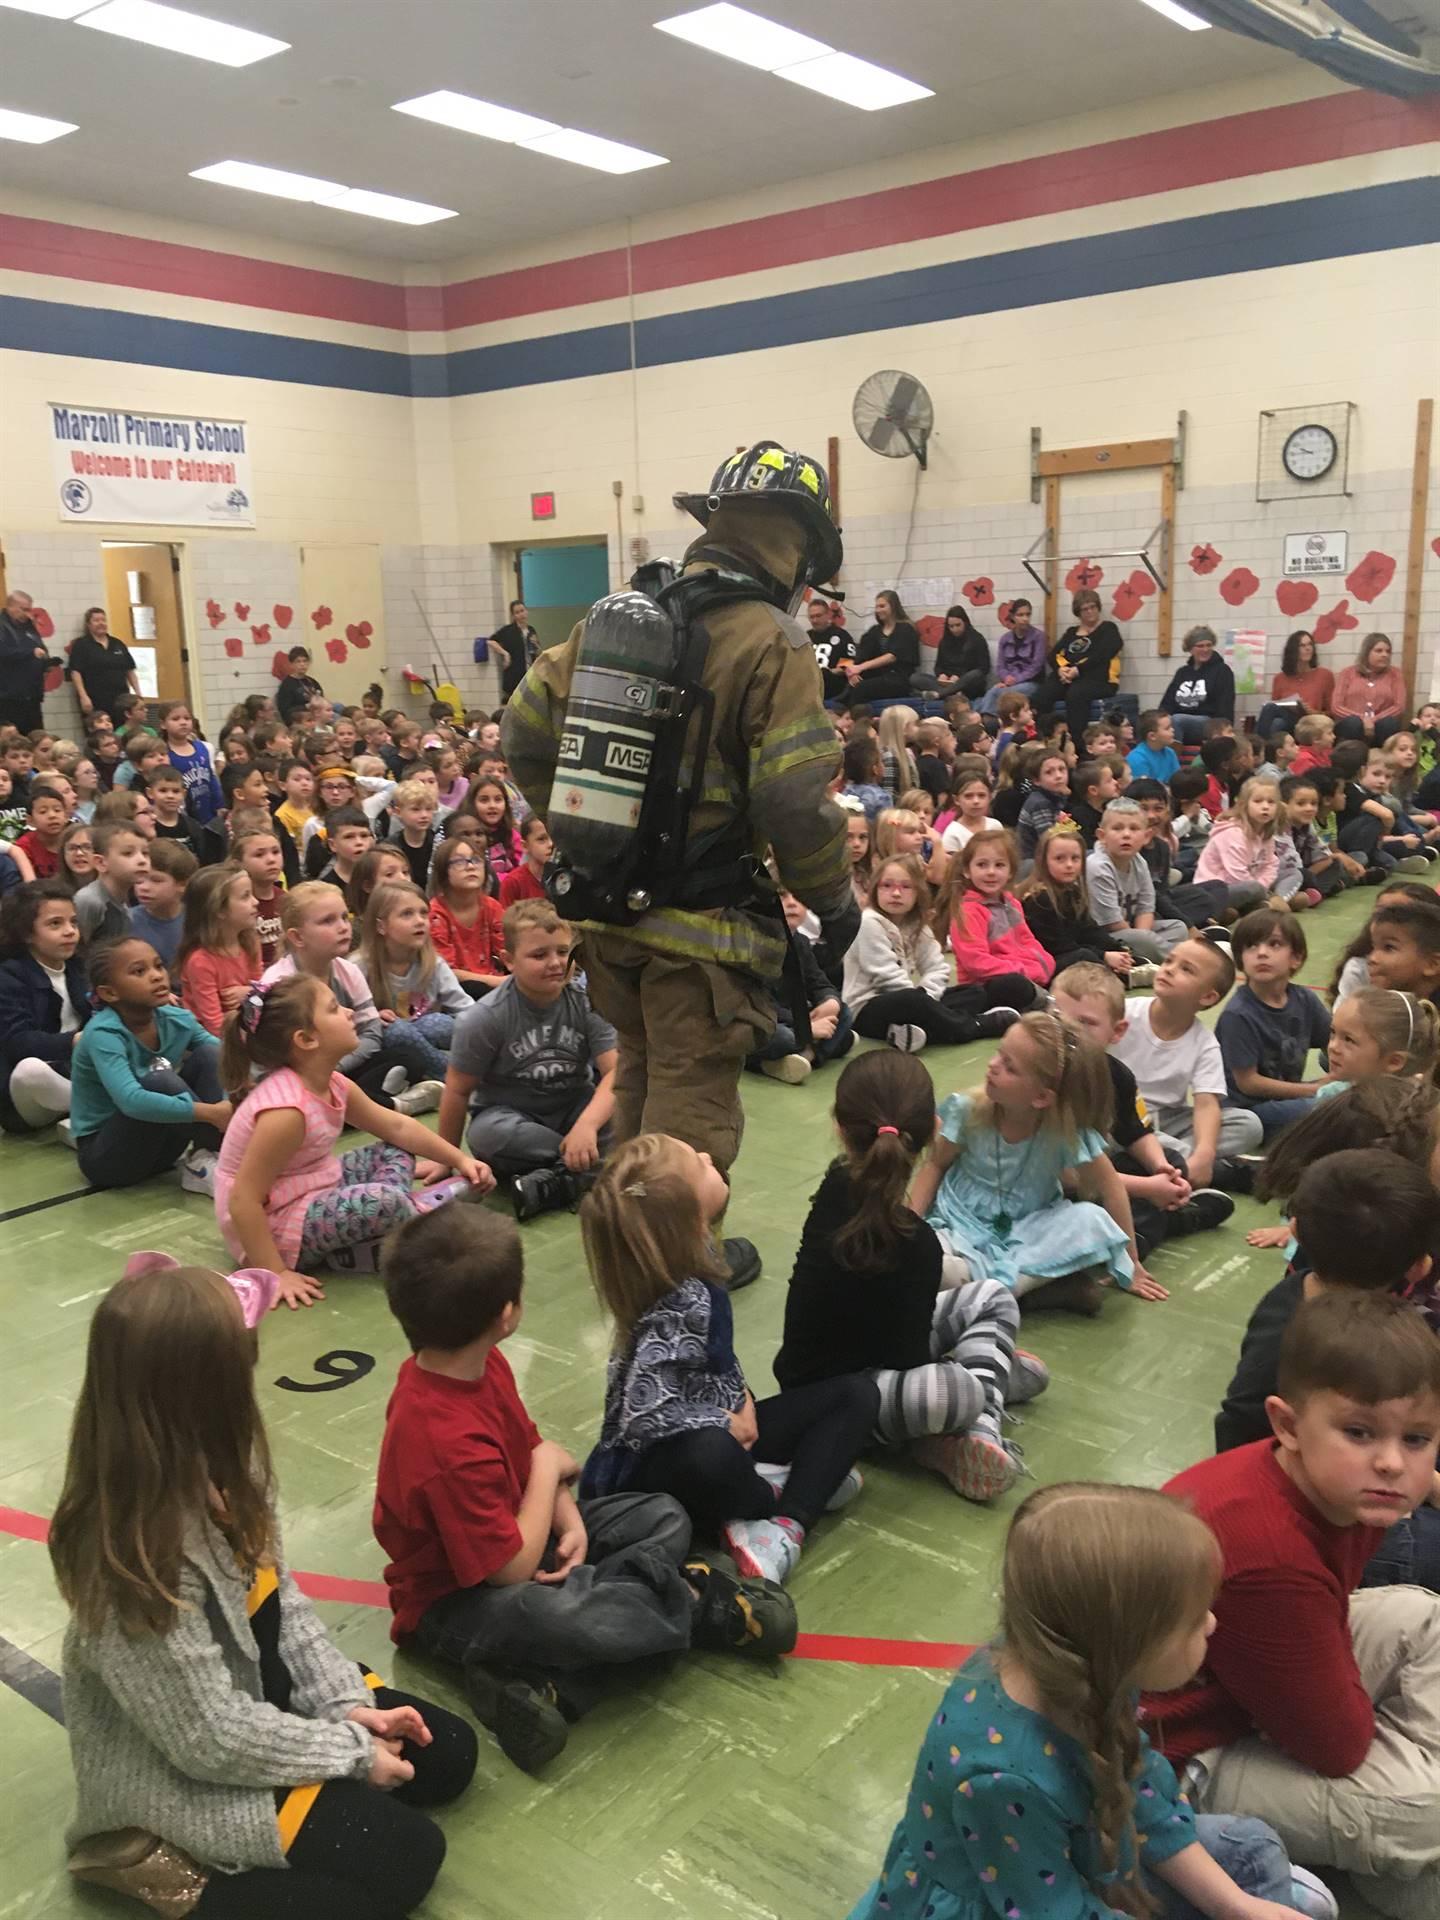 Firefighter showing children gear